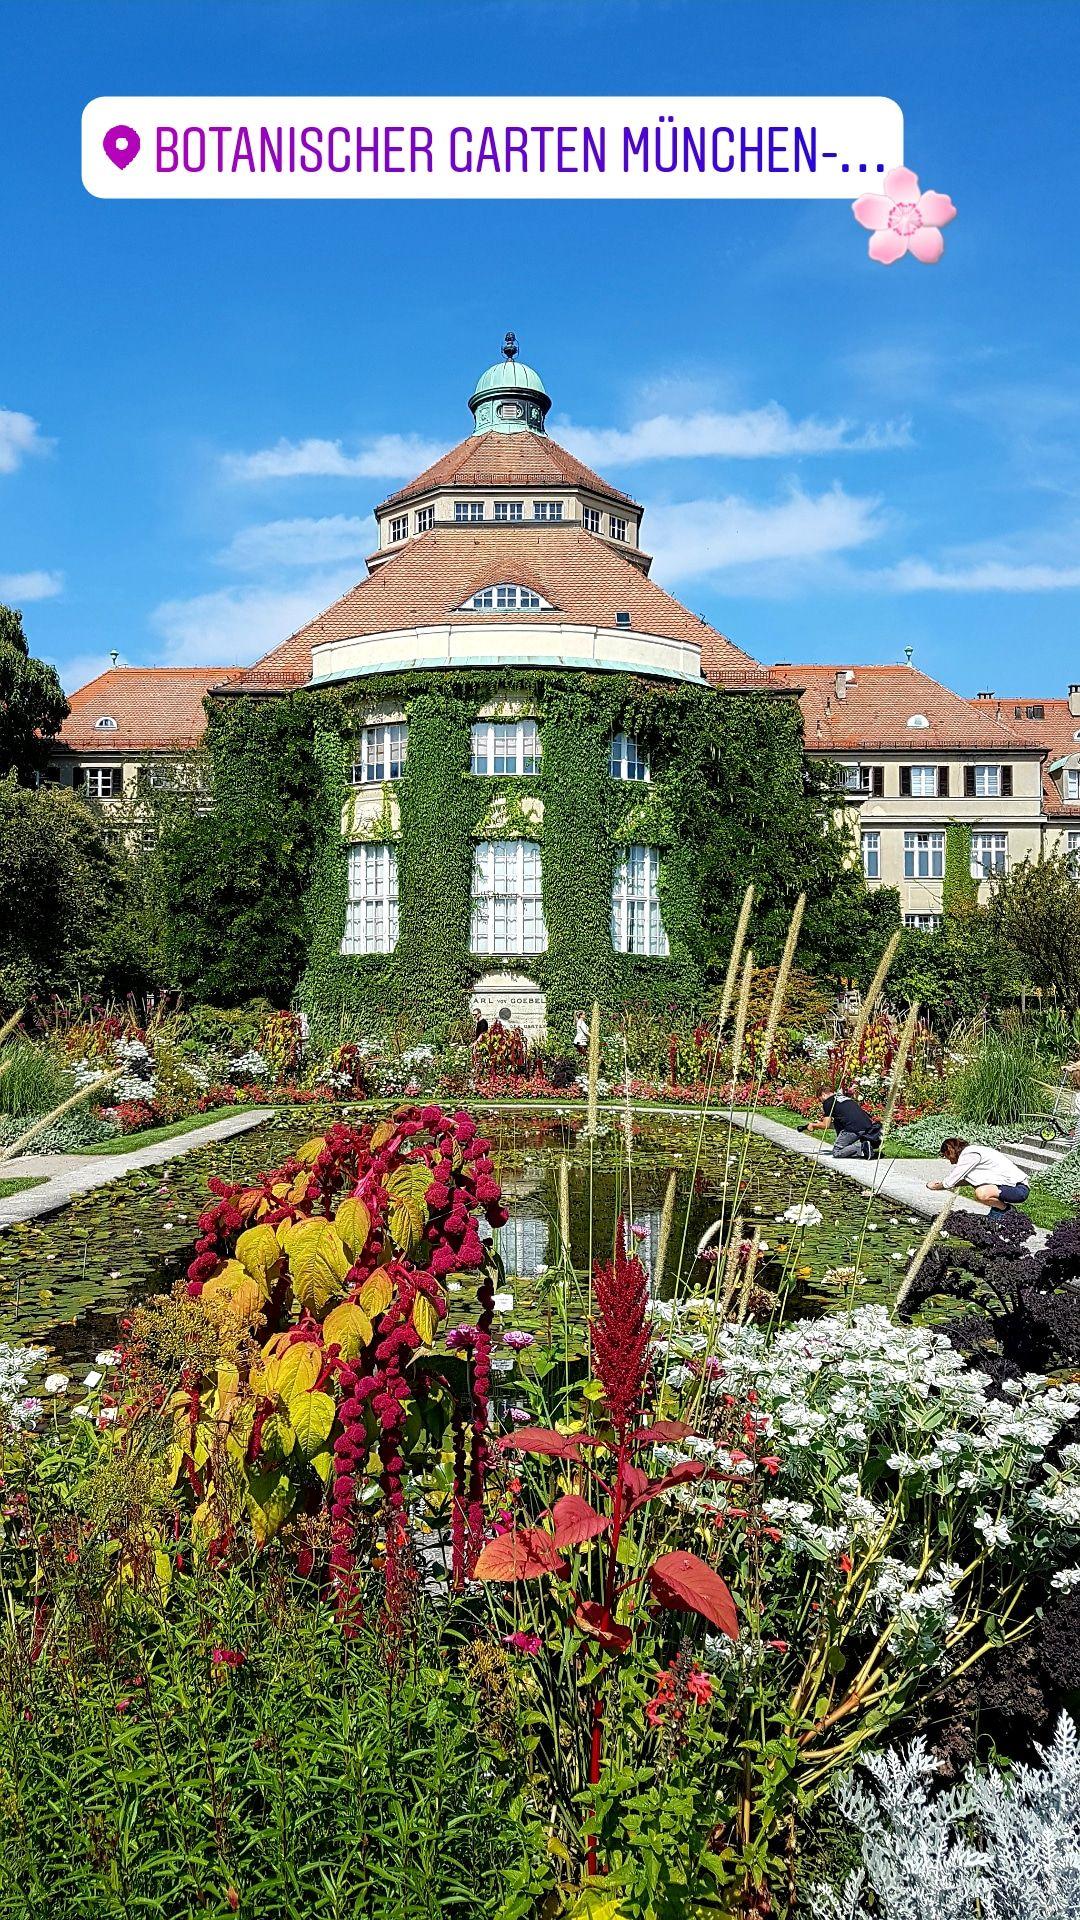 Botanischer Garten München Nymphenburg Meine Heimat München In